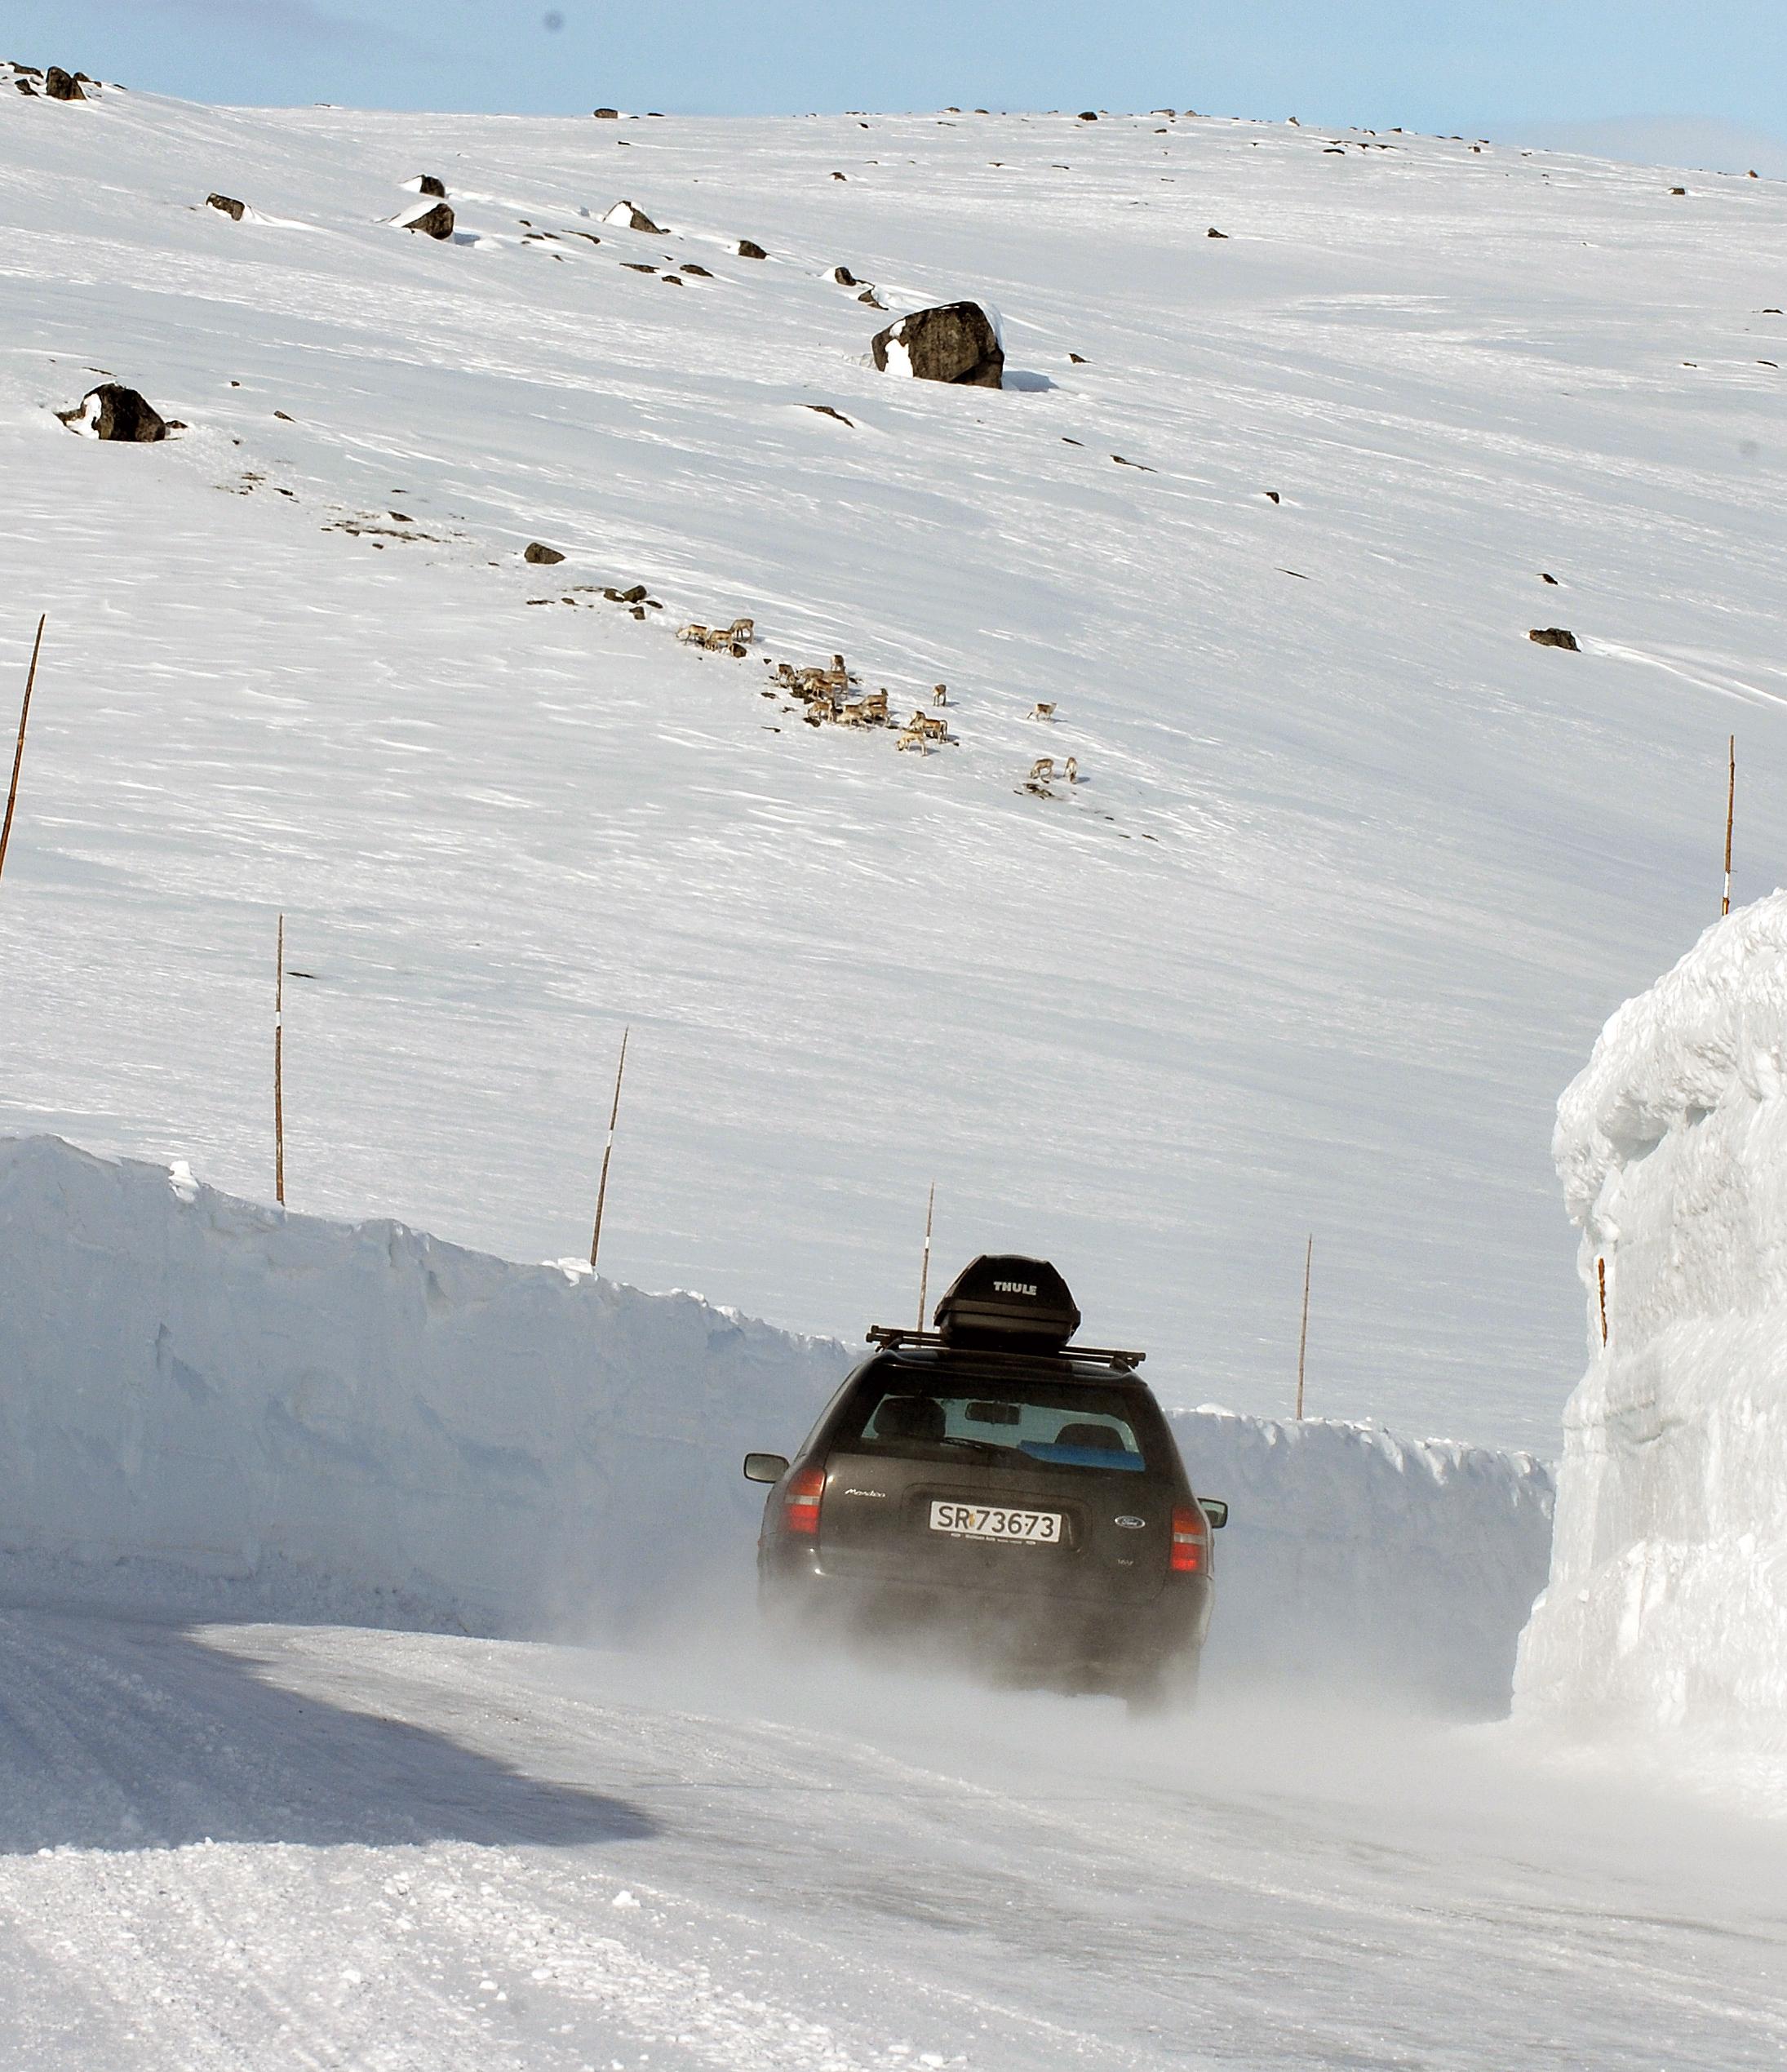 Foto: Olav Strand/Norsk institutt for naturforskning